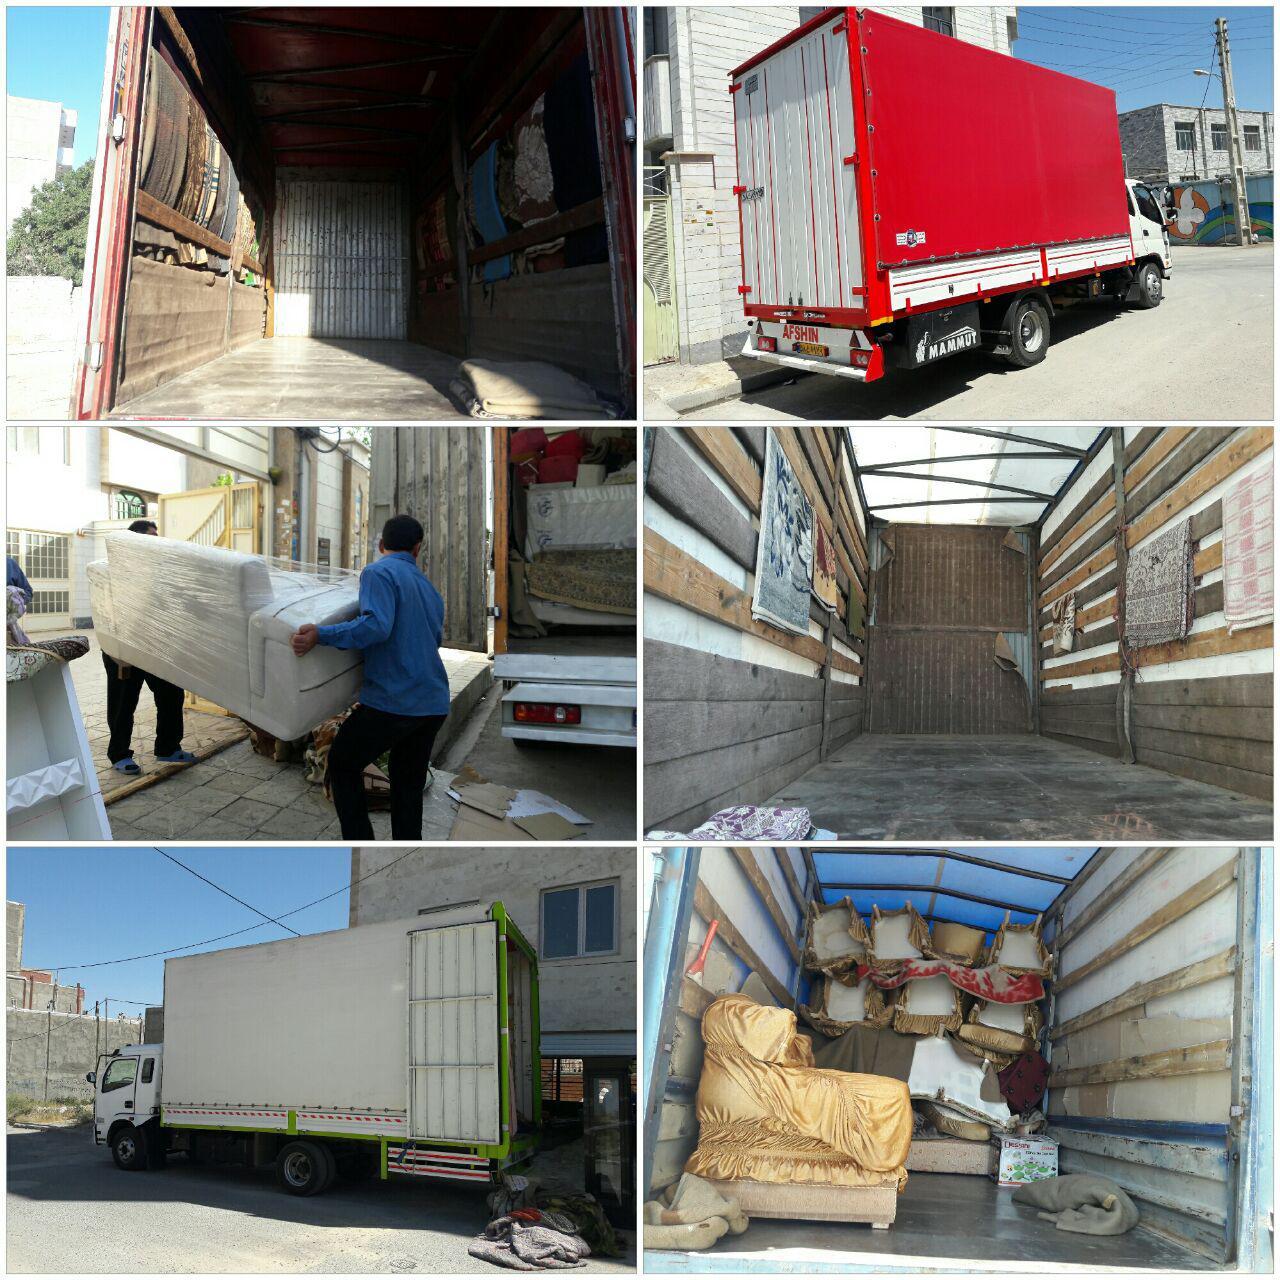 حمل اثاثیه منزل و بار در سراسر مشهد و شهرستانها